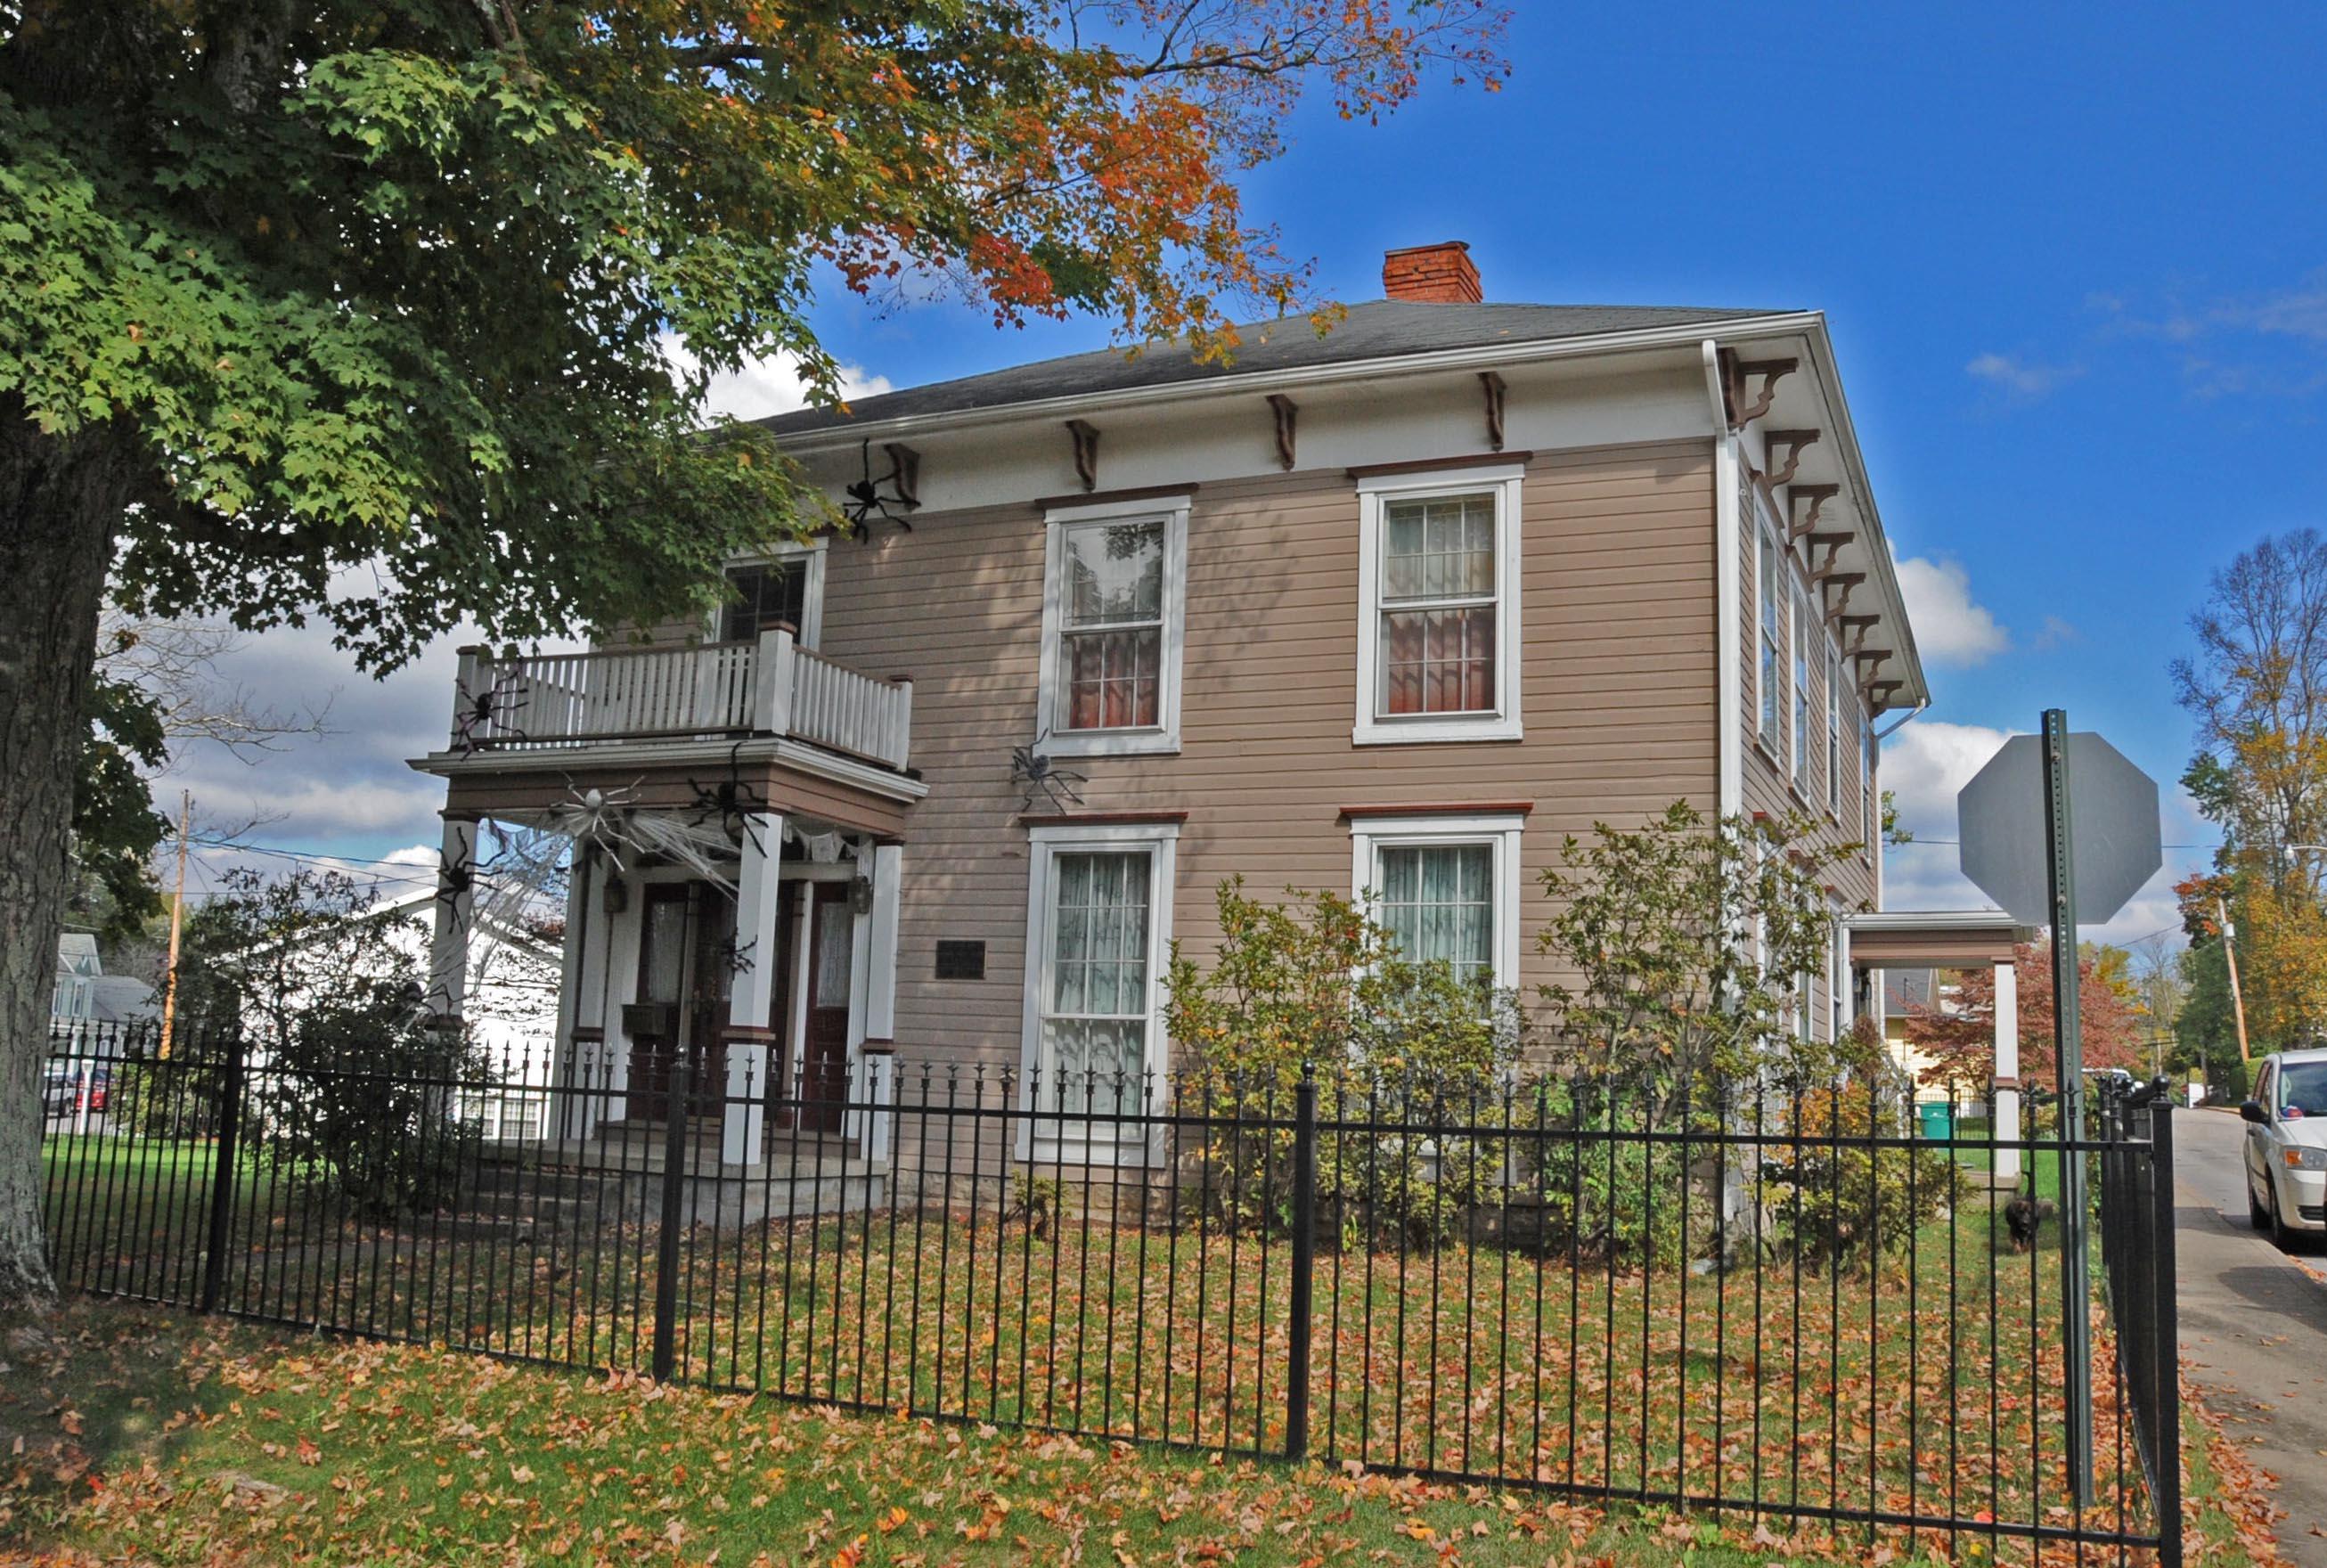 Dom w Bridgeport, West Virginia